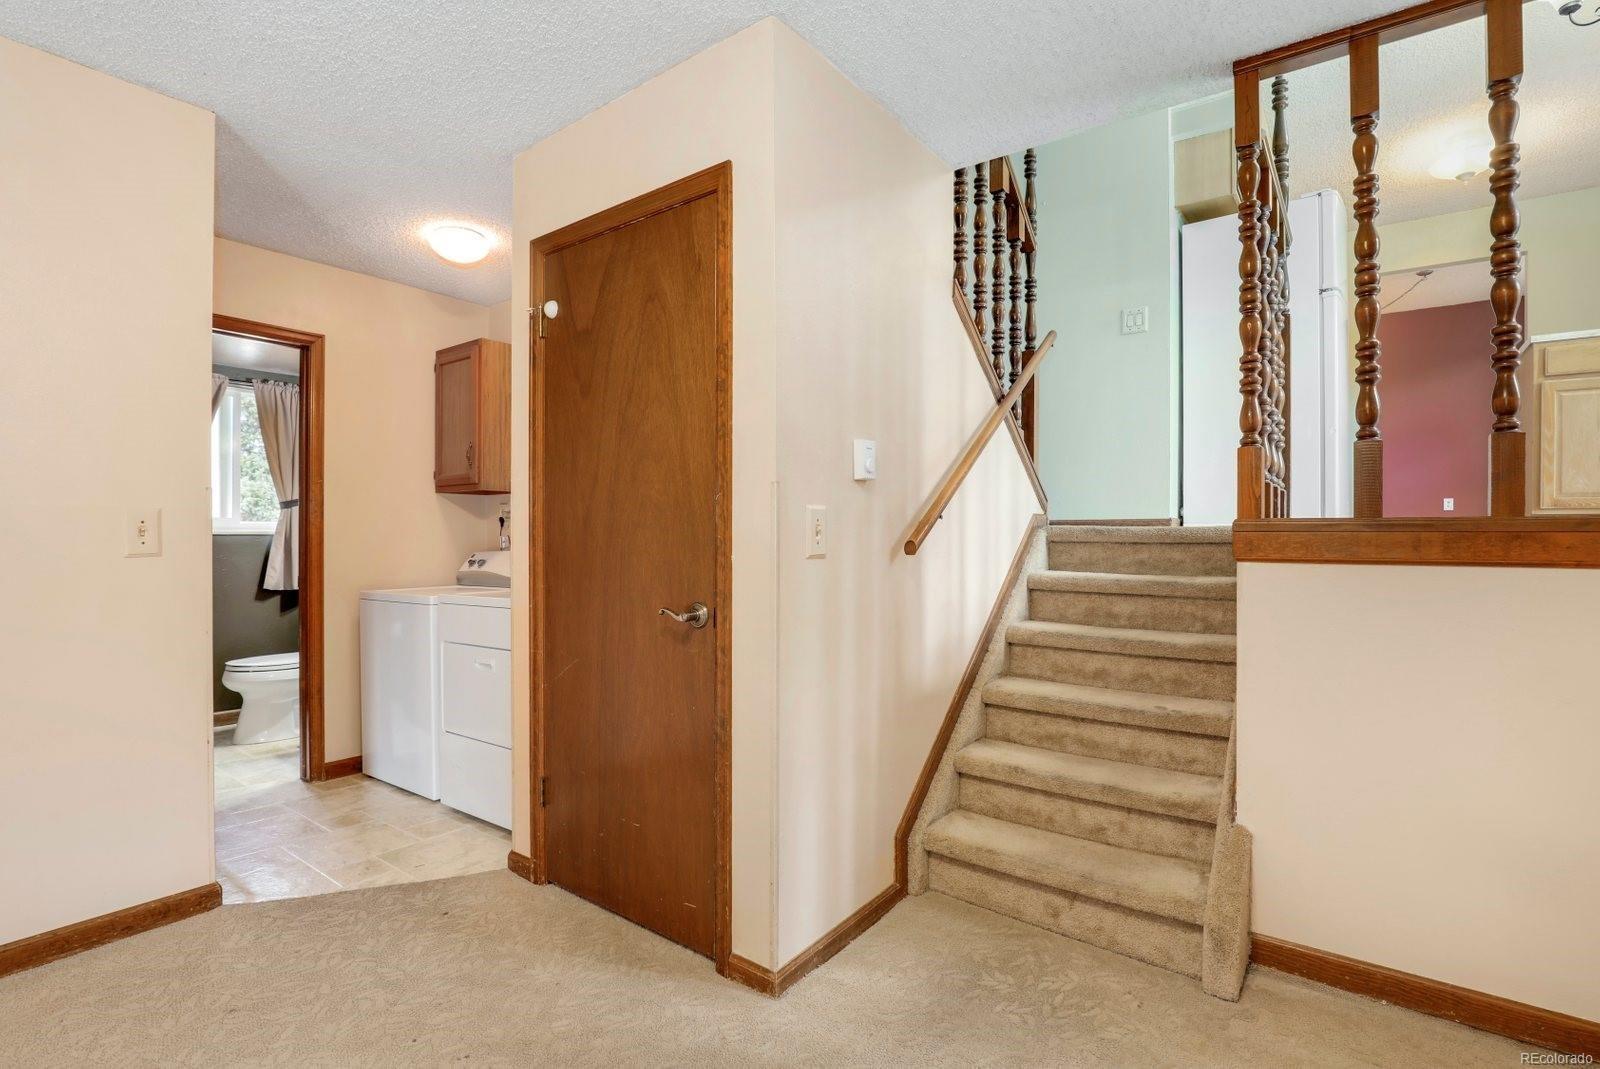 MLS# 9388293 - 15 - 920 Coral Court, Castle Rock, CO 80104